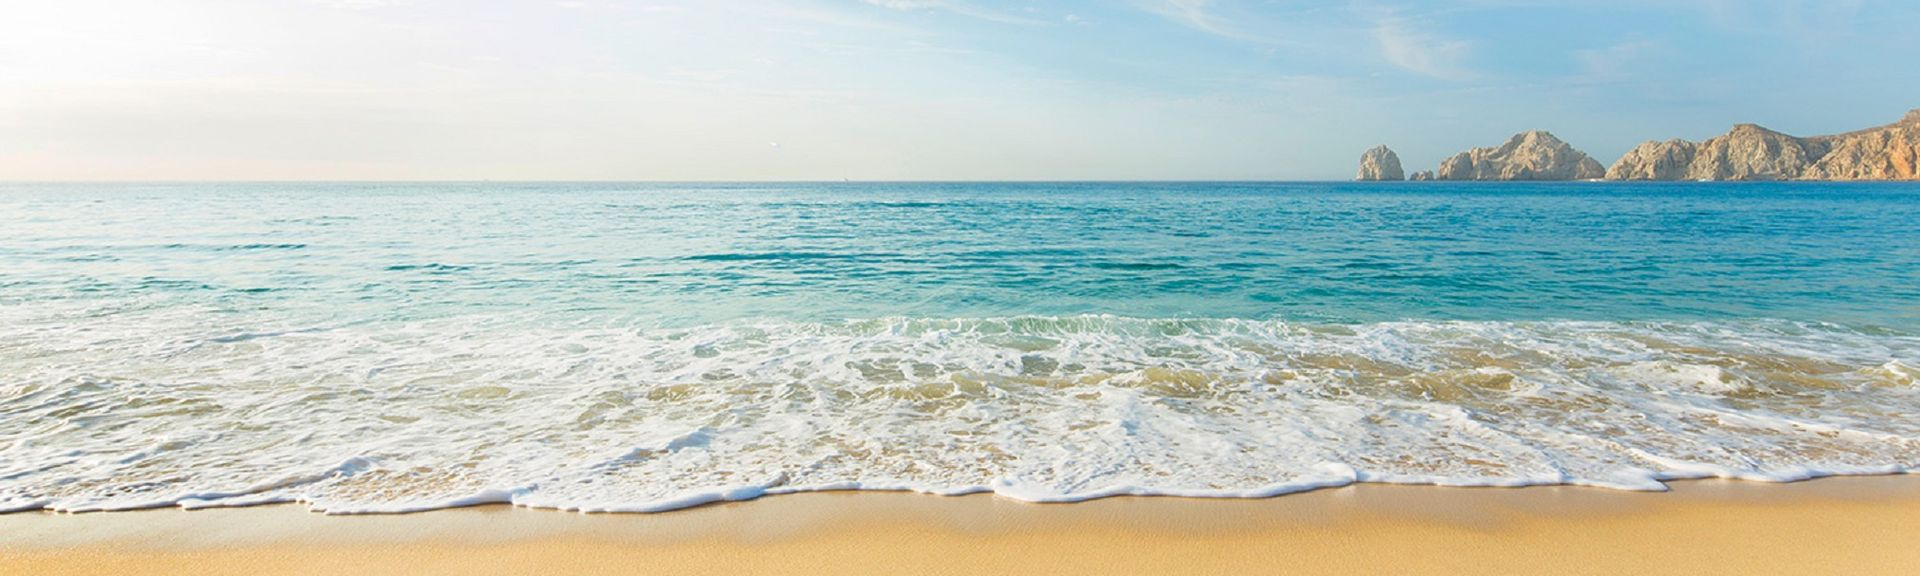 Villa Del Arco Beach Resort & Spa (Cabo San Lucas, Baja California Sur, México)